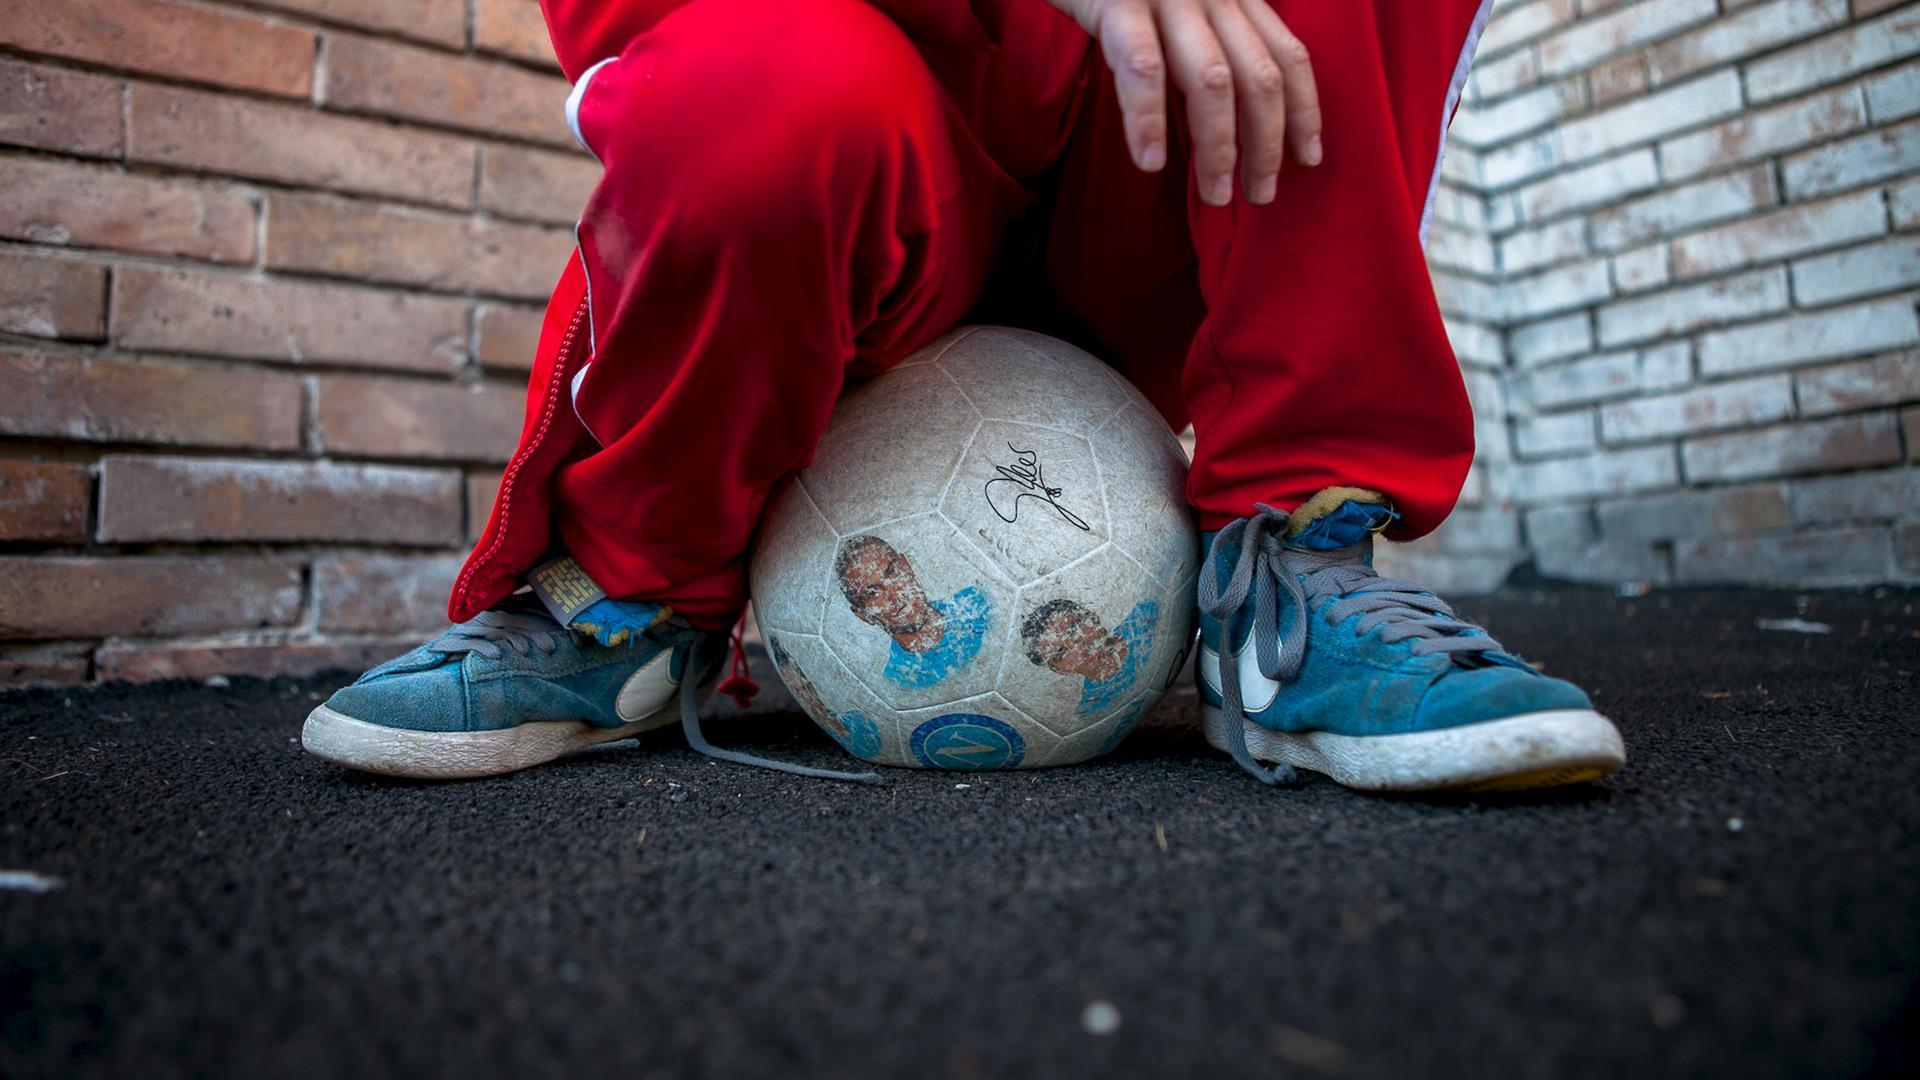 Dispersione scolastica: I bandi per l'utilizzo dei 120 milioni del Fondo per il contrasto alla povertà educativa